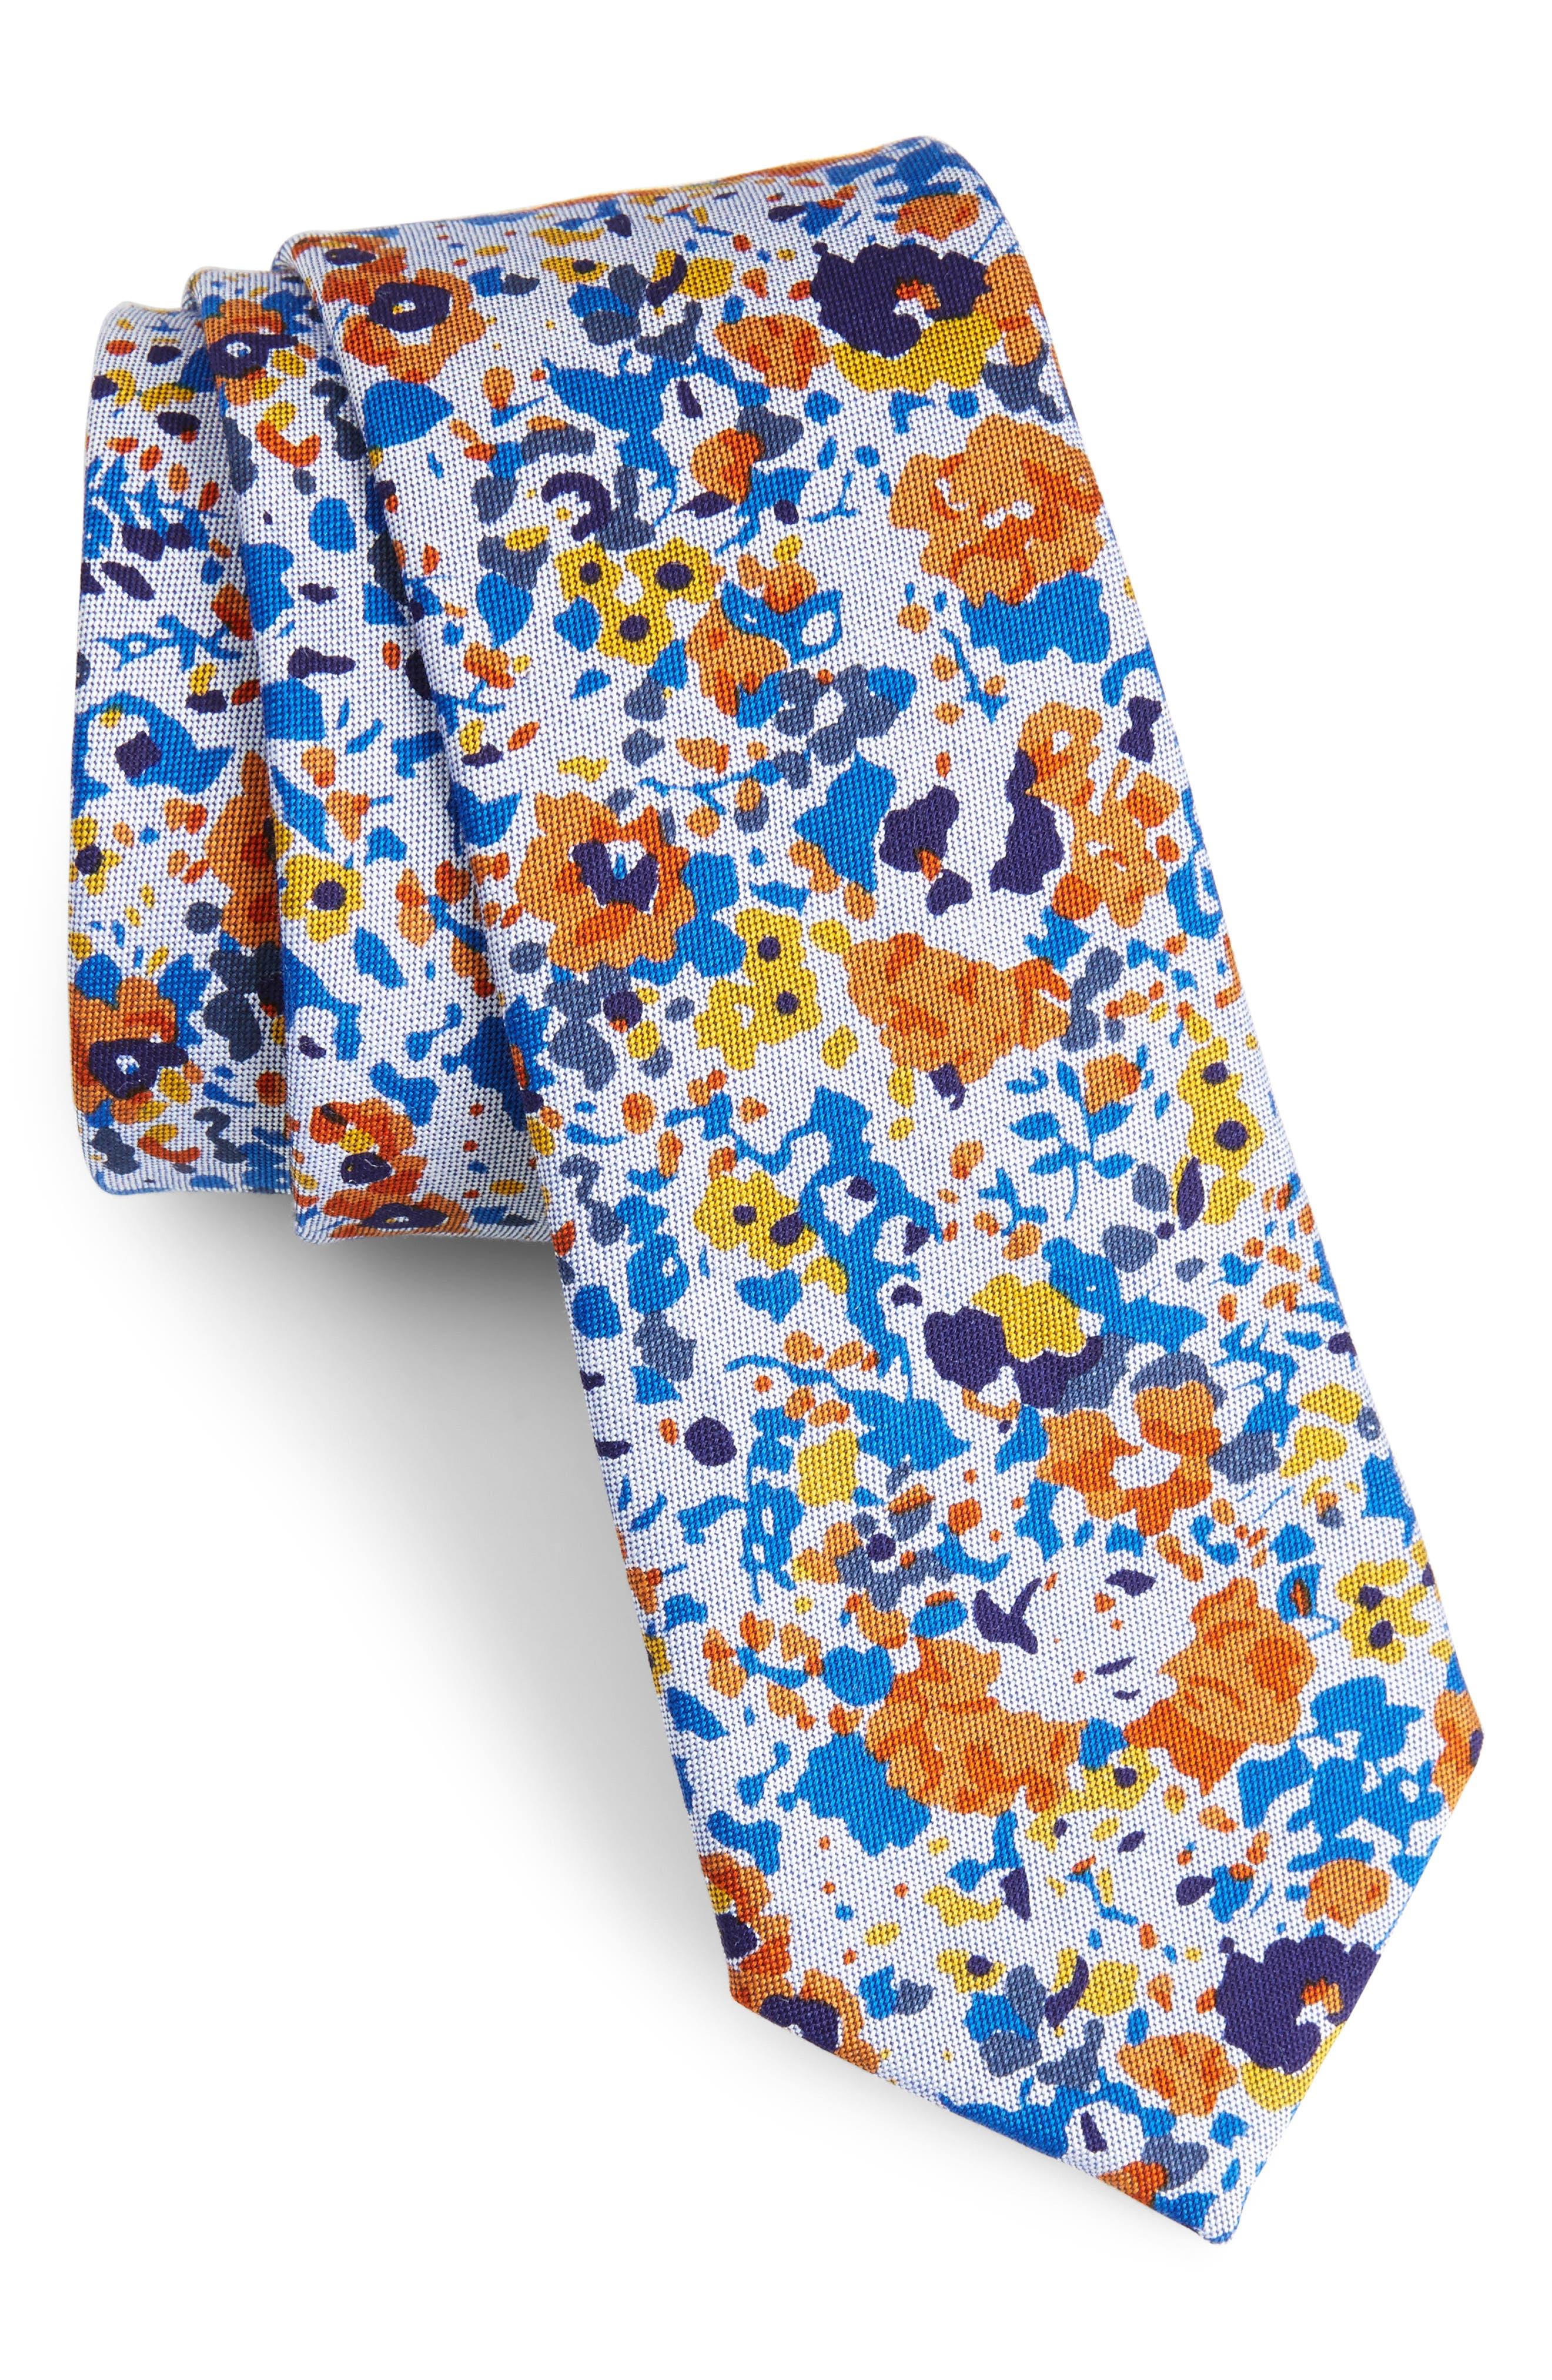 Alternate Image 1 Selected - Nordstrom Men's Shop Ajax Floral Cotton Skinny Tie